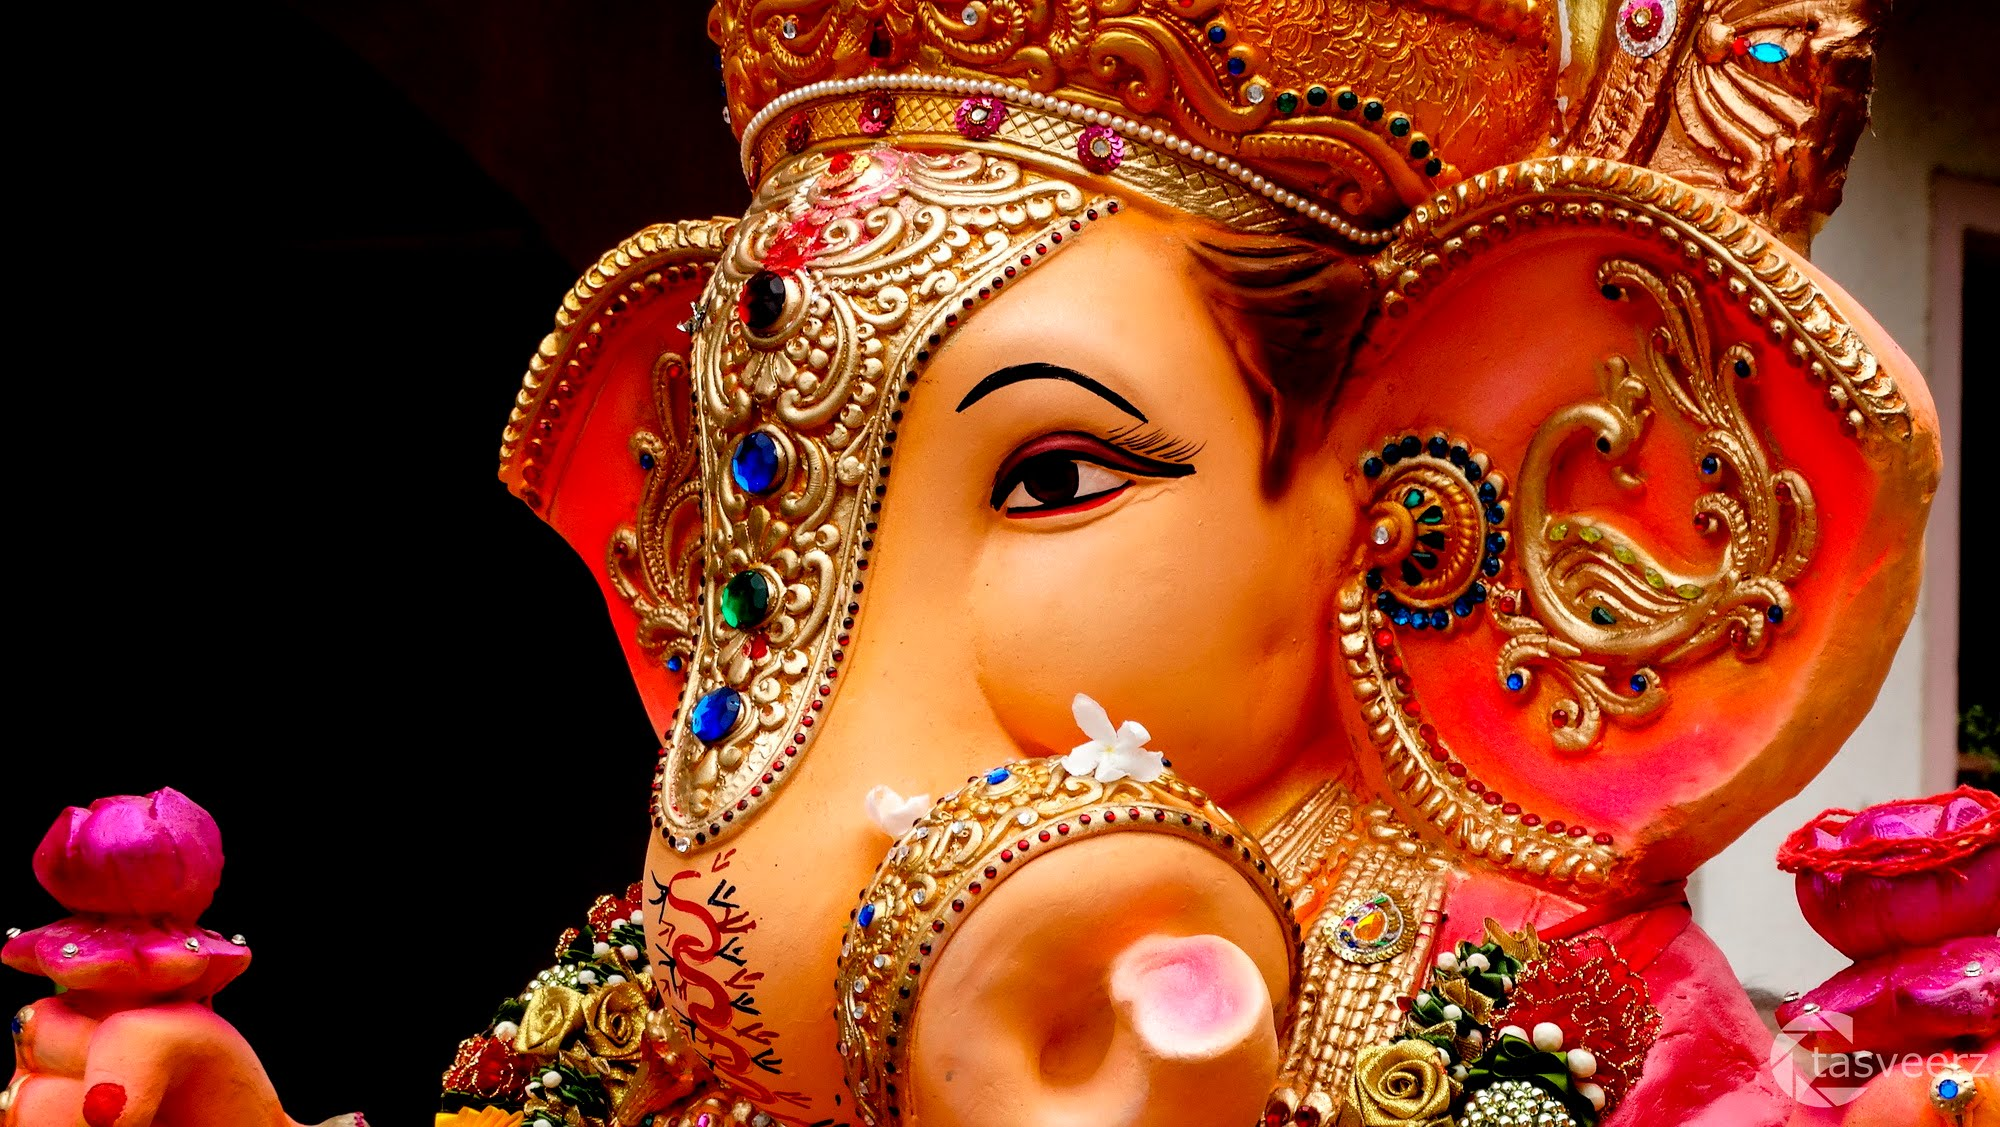 PunjabKesari, श्री गणेश, Sri Ganesh, Lord Ganesh Ji, Ganesh Chaturthi, Jyotish Upay, Ganesh Chaturthi 2019, Ganesh Utsav, गणेश उत्सव, गणेश चतुर्थी, Ganesh Mantra, गणेश मंत्र